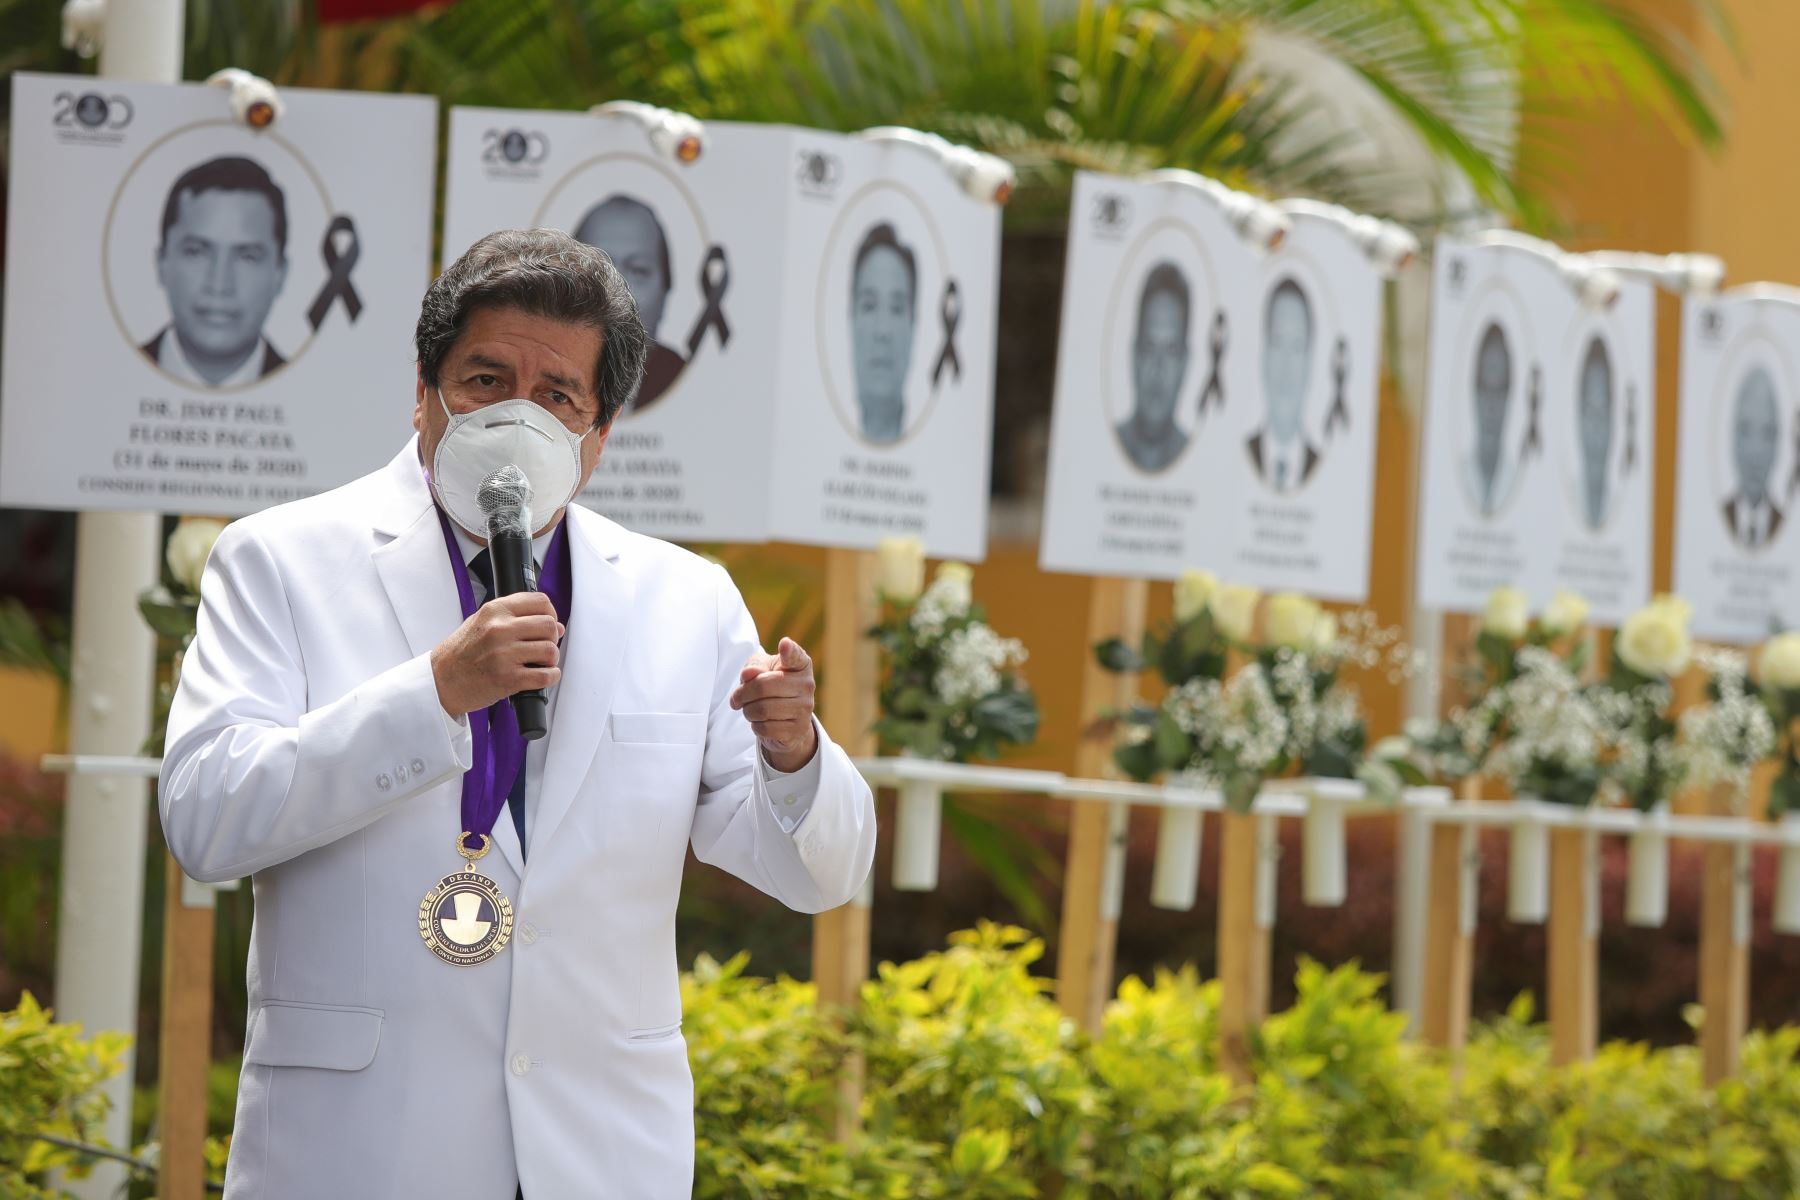 Decano del Colegio Médico del Perú se contagia de coronavirus | Noticias